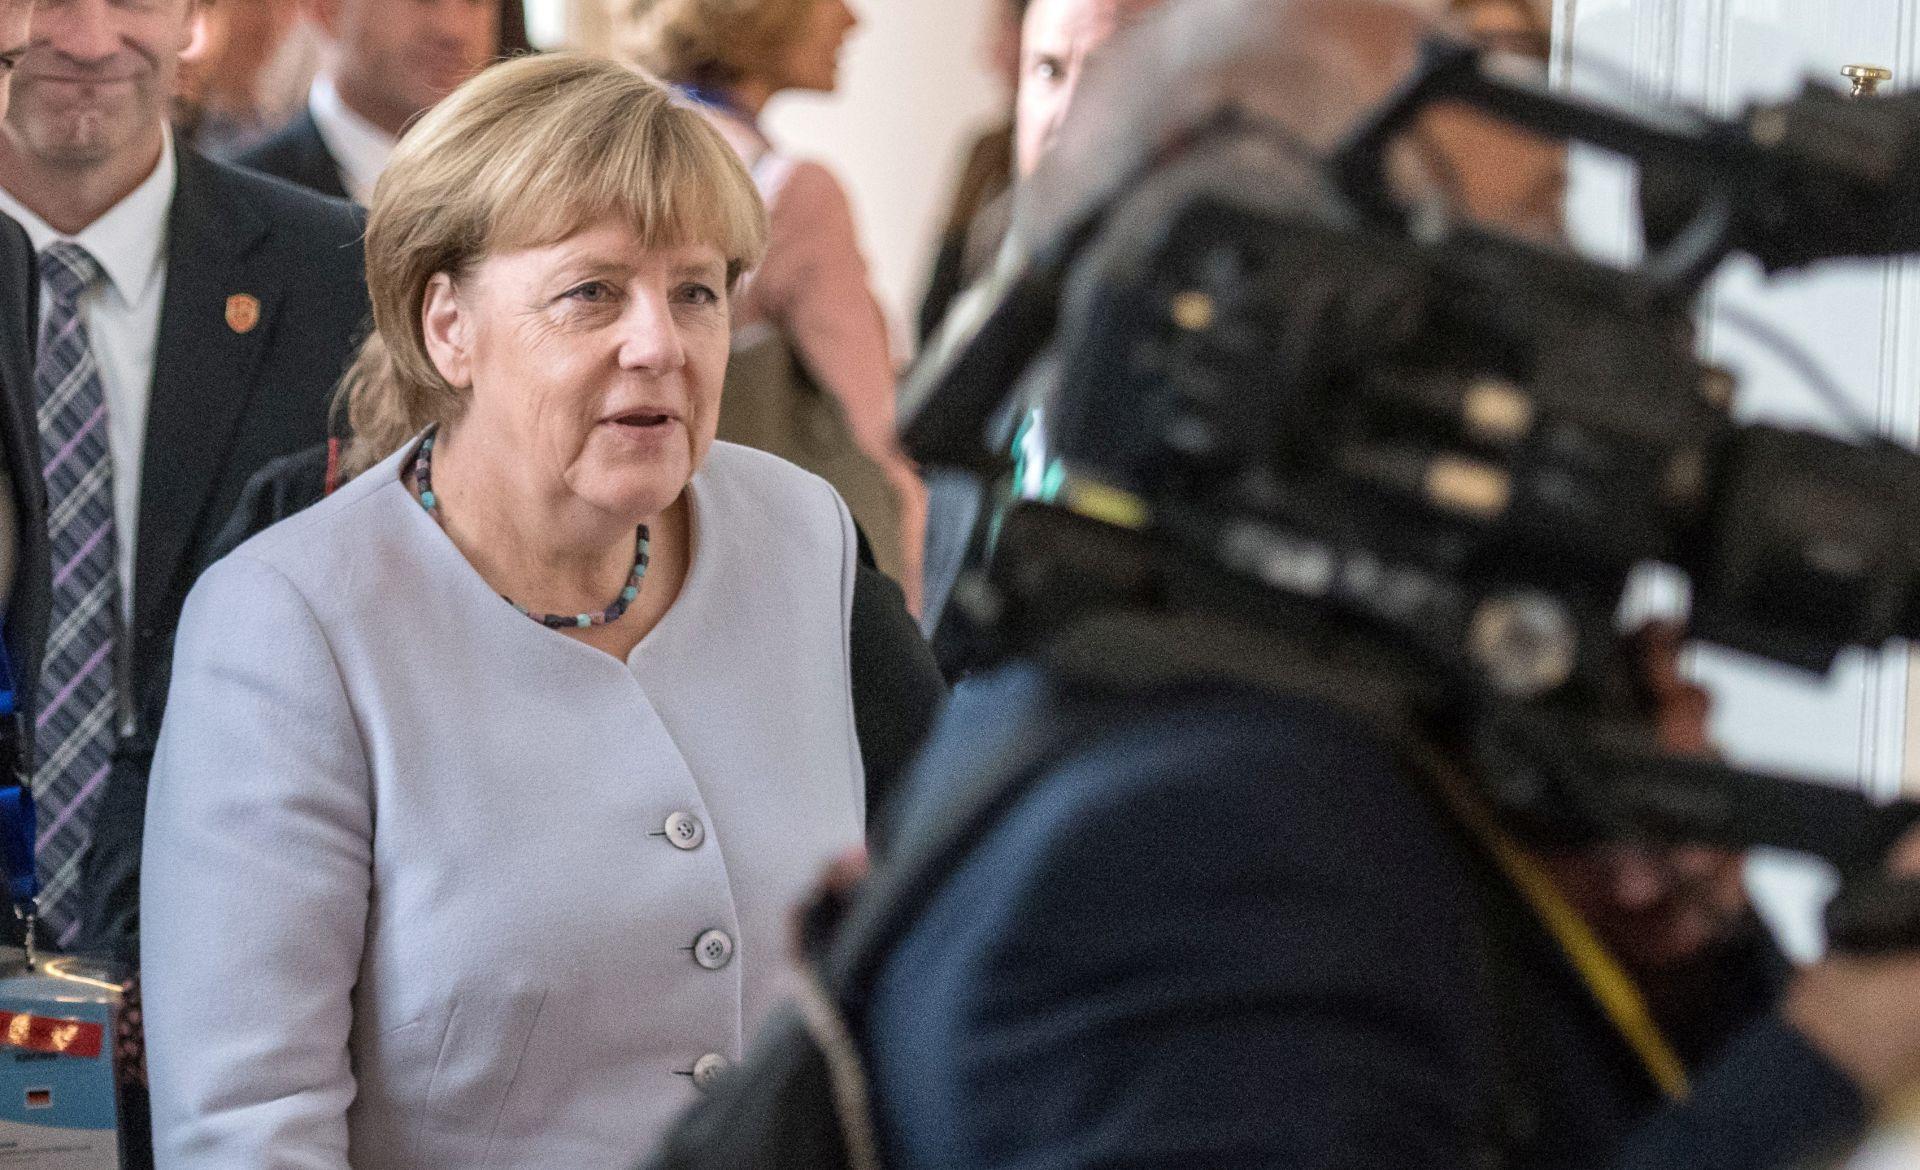 ZAUSTAVLJANJE ILEGALNE IMIGRACIJE: Merkel obećala pomoć Grčkoj i Italiji